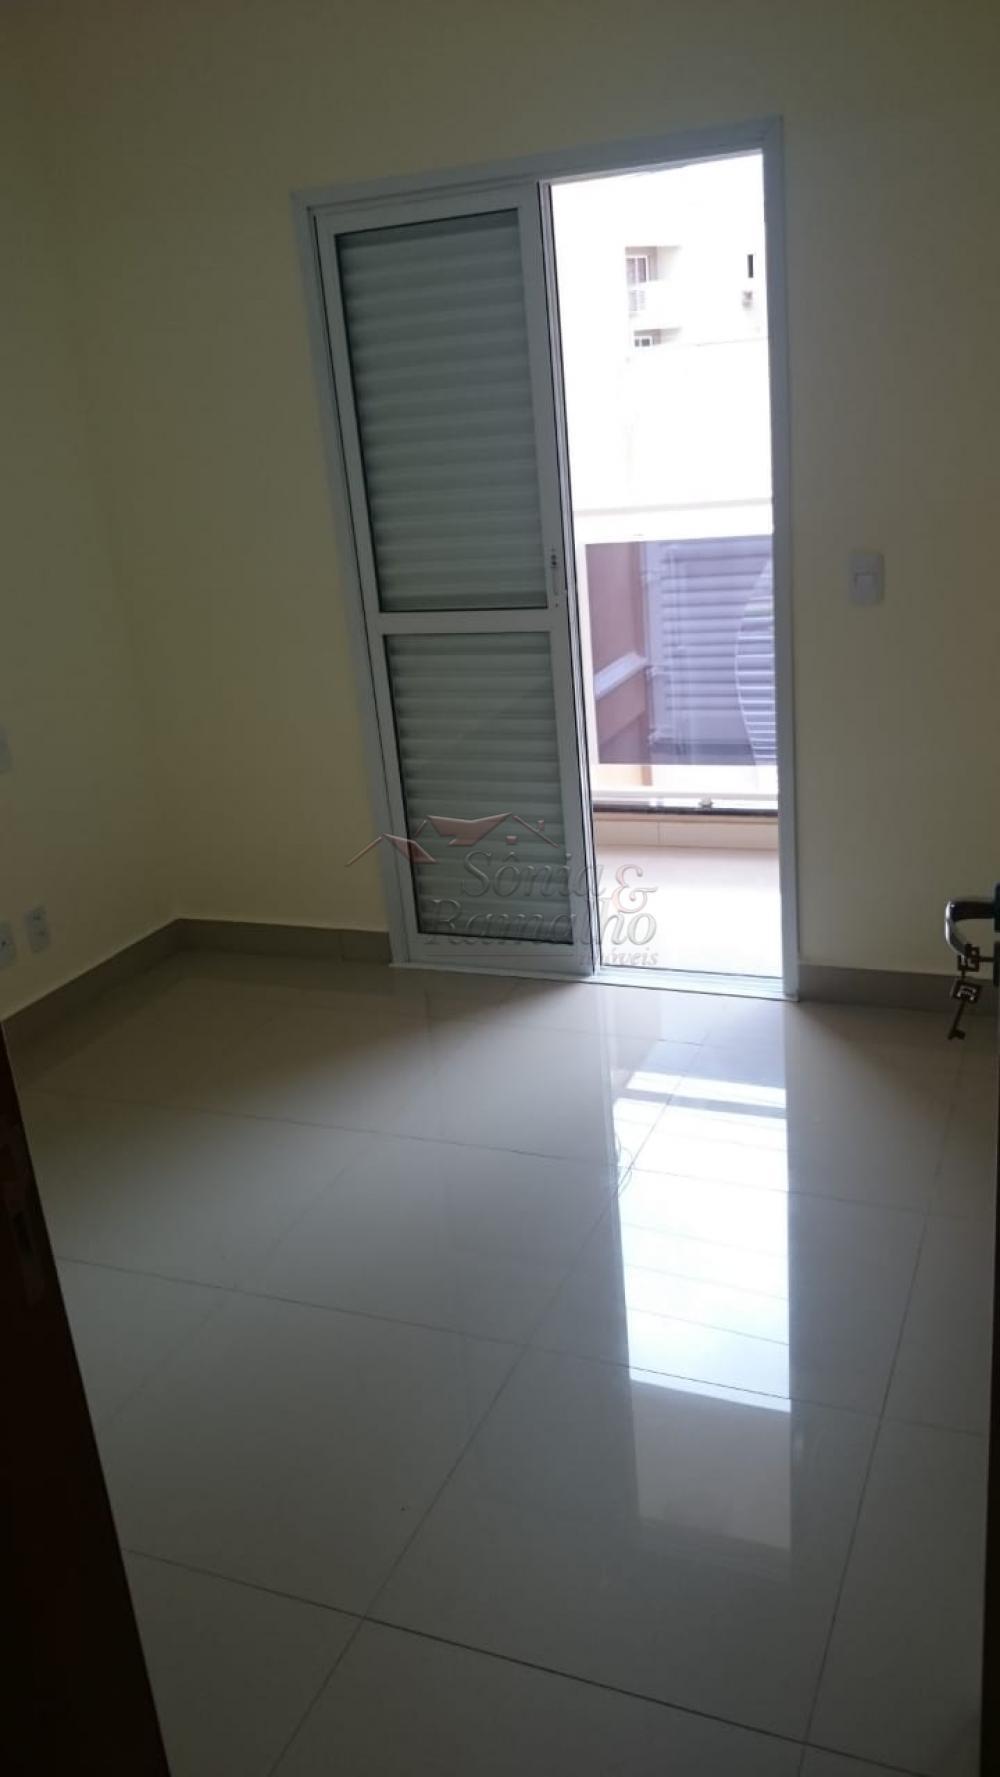 Comprar Apartamentos / Padrão em Ribeirão Preto apenas R$ 298.000,00 - Foto 10